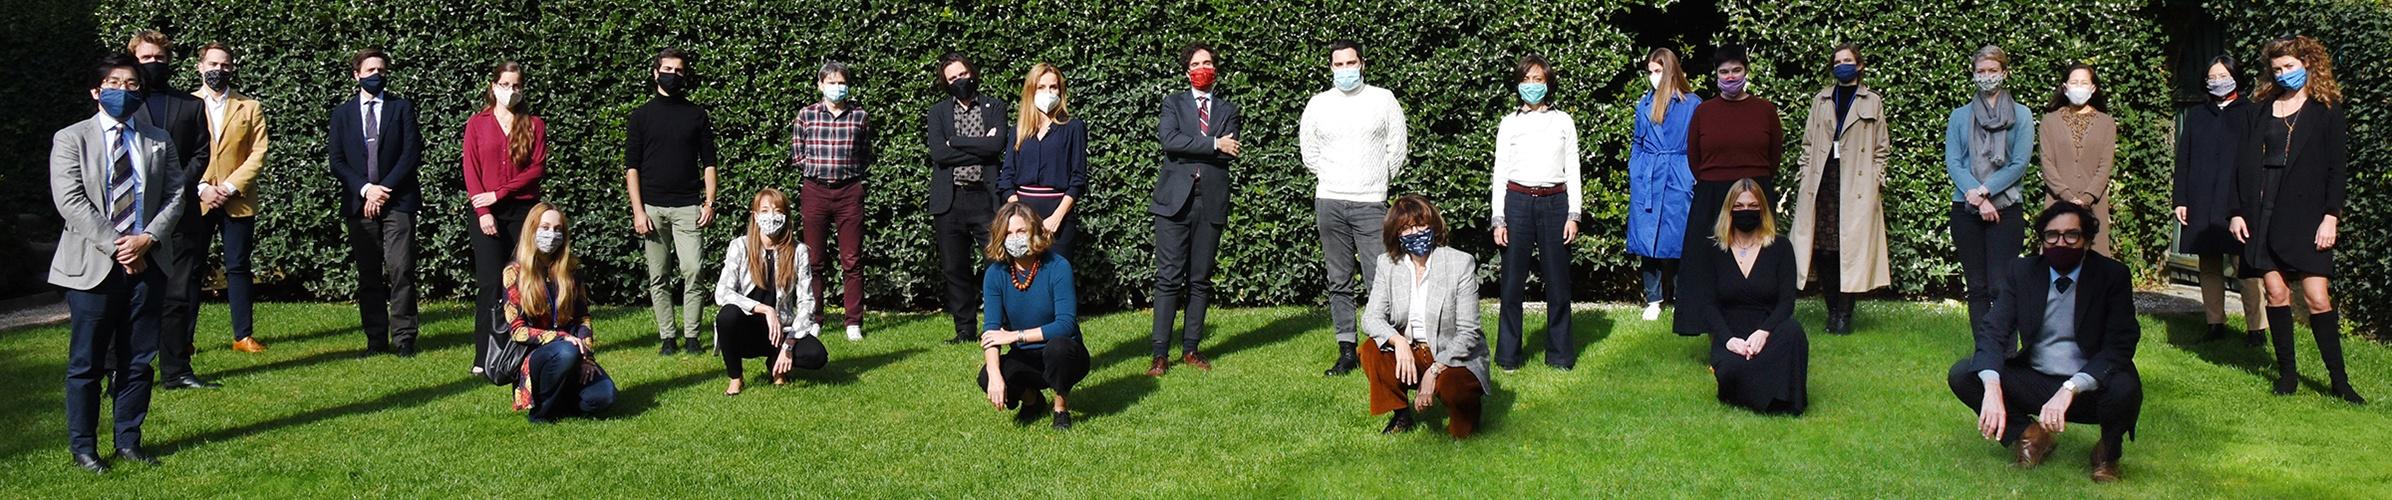 Group photo of 2020/2021 fellows in the garden